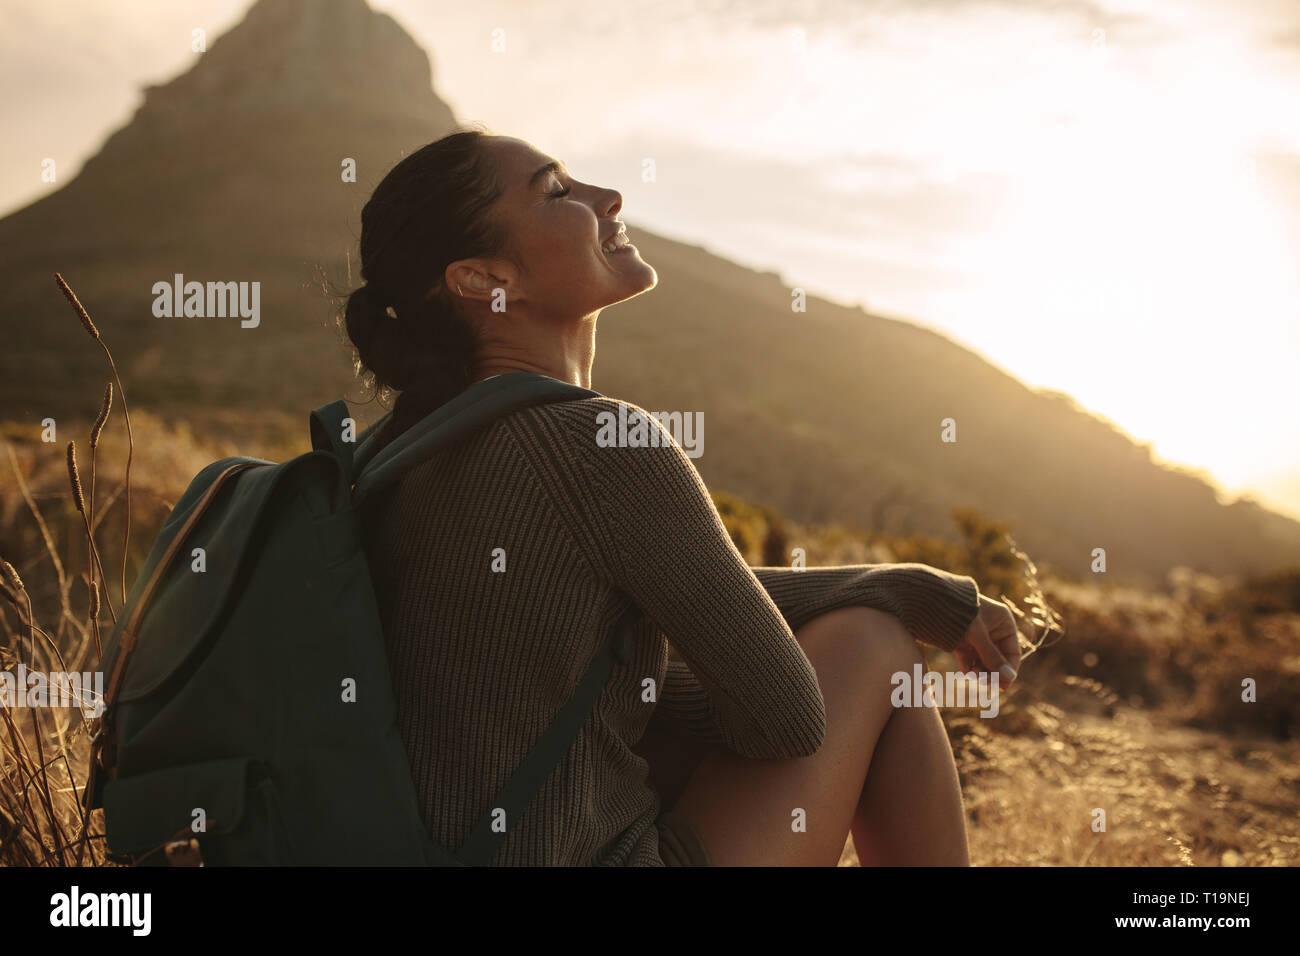 Mujer sentada en el suelo sonriendo con los ojos cerrados. Caucasian mujeres turistas tomando un descanso después de hacer senderismo en el país trail. Foto de stock